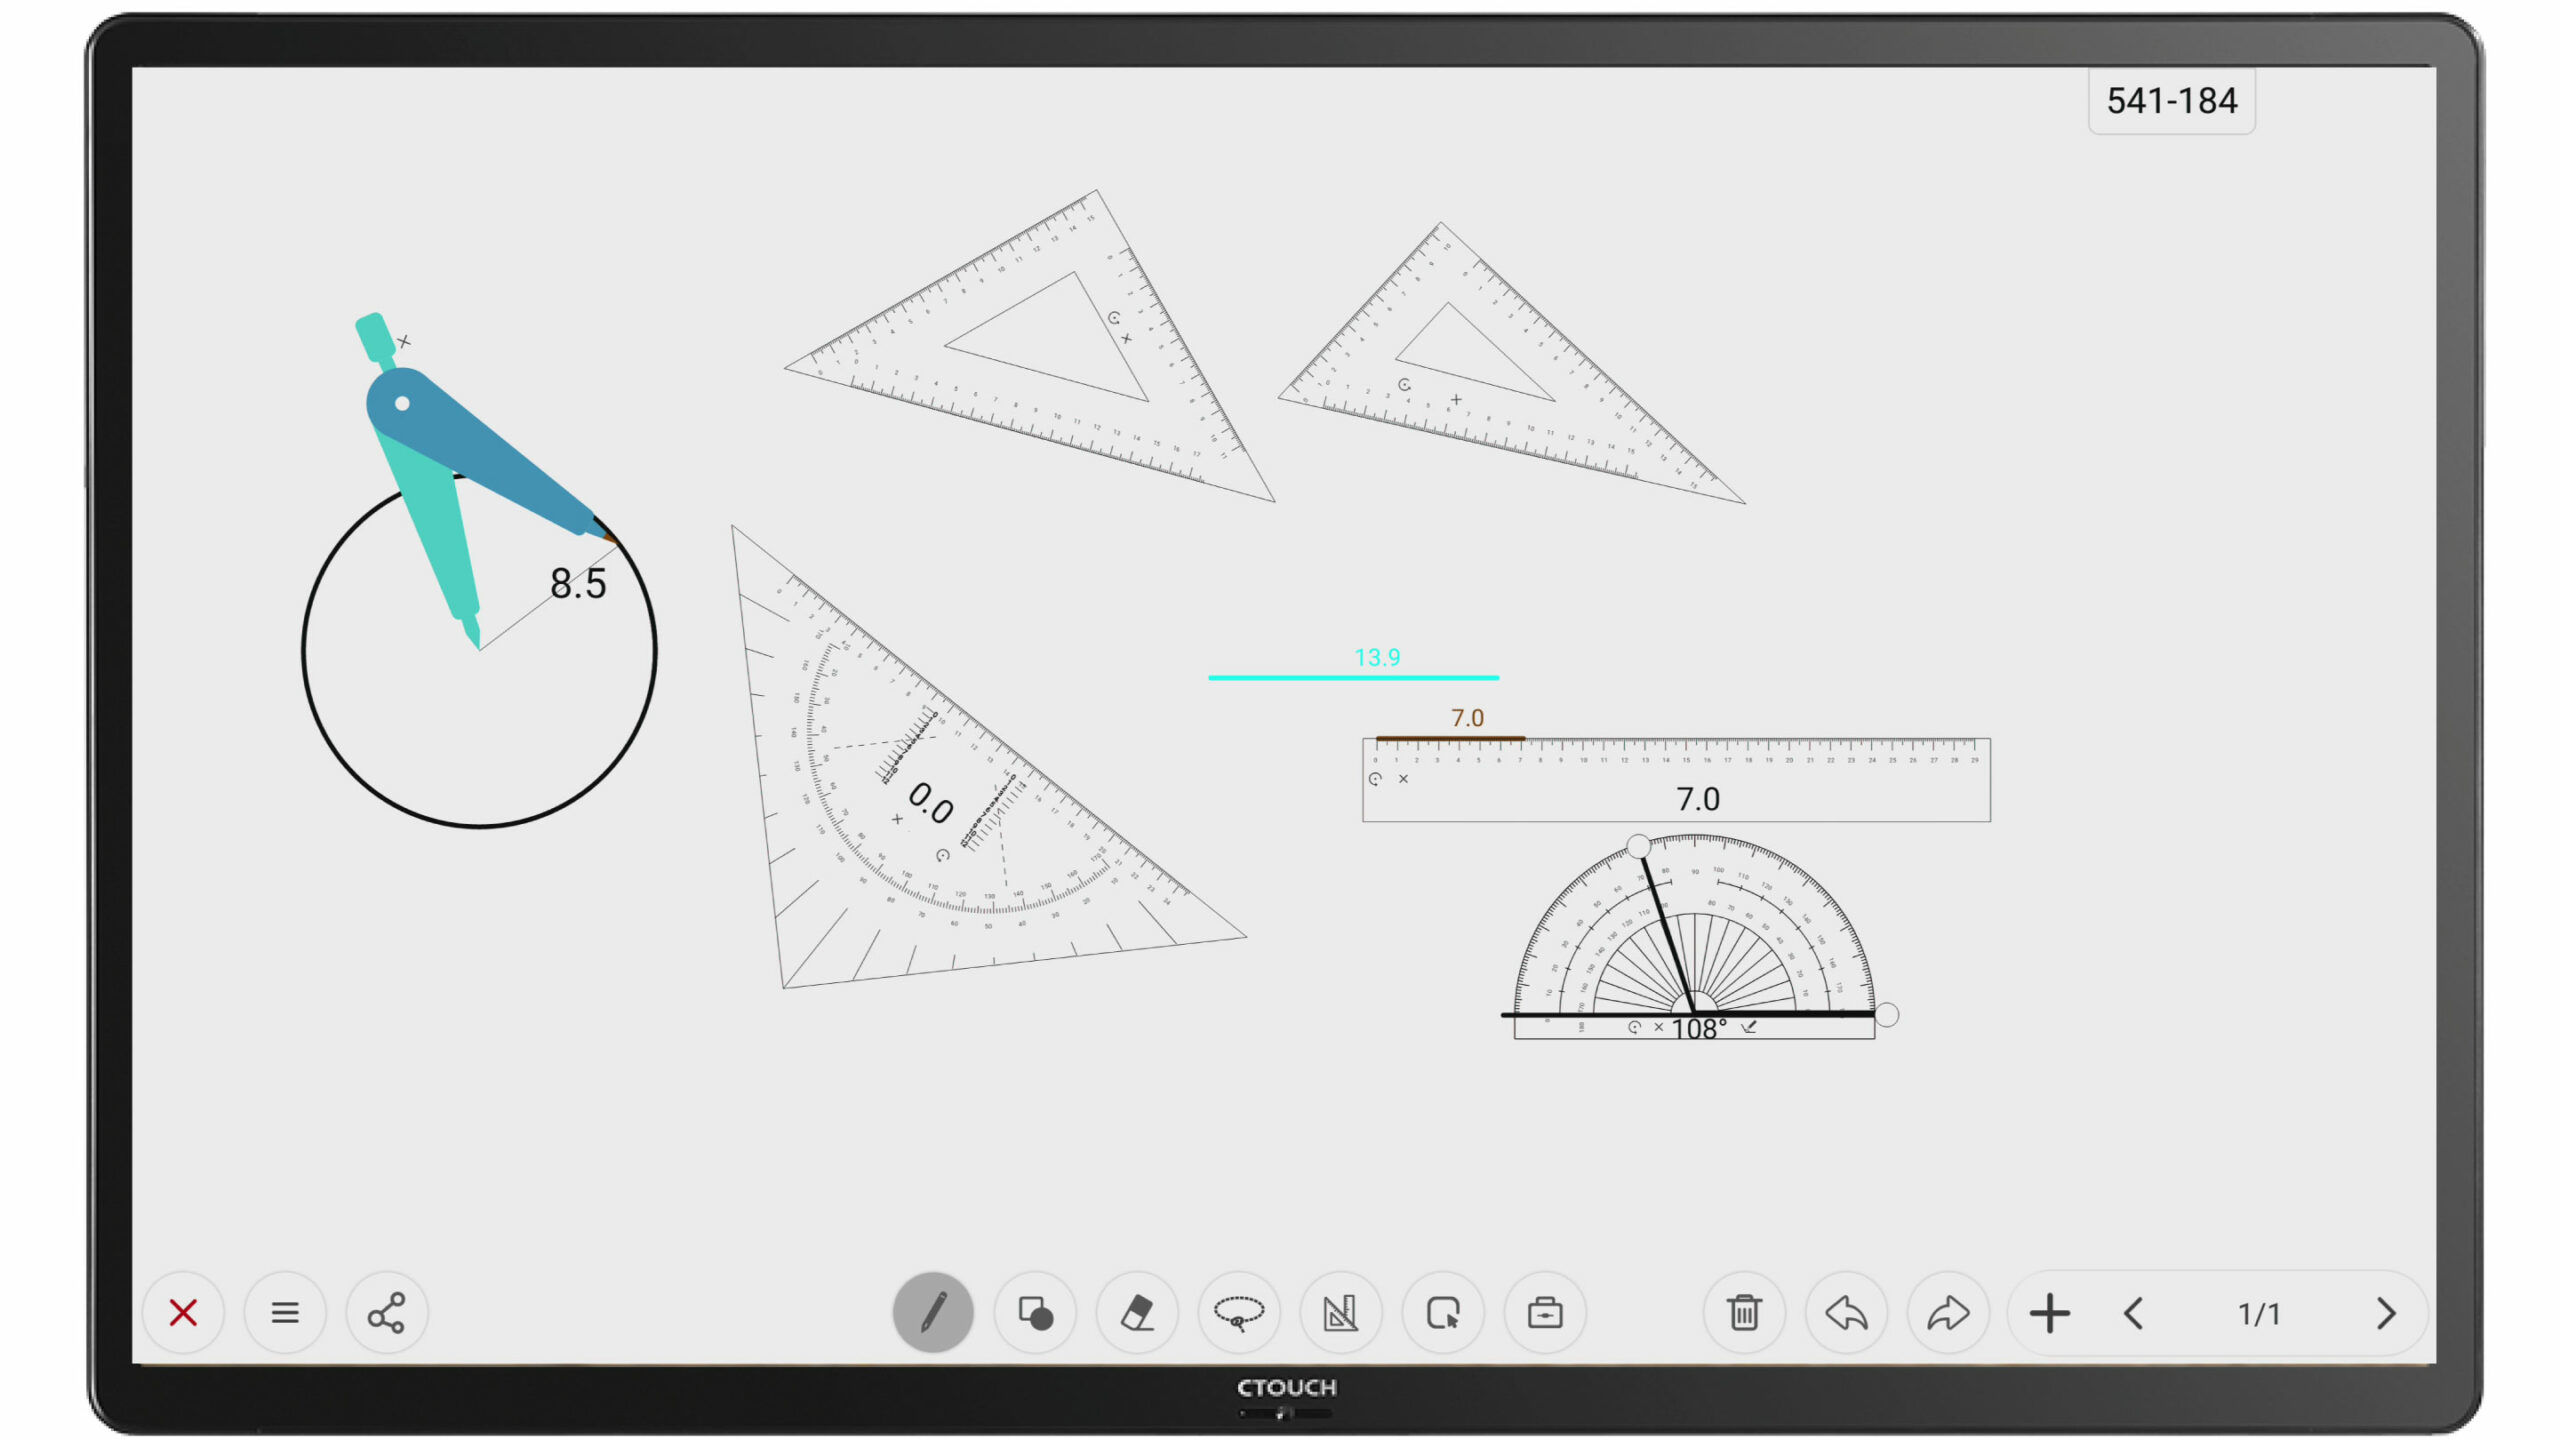 passer geodriehoek meetlat Digitaal whiteboard uboardmate versie 2 ctouch interactief gebruiksvriendelijk educatief school clevertouch